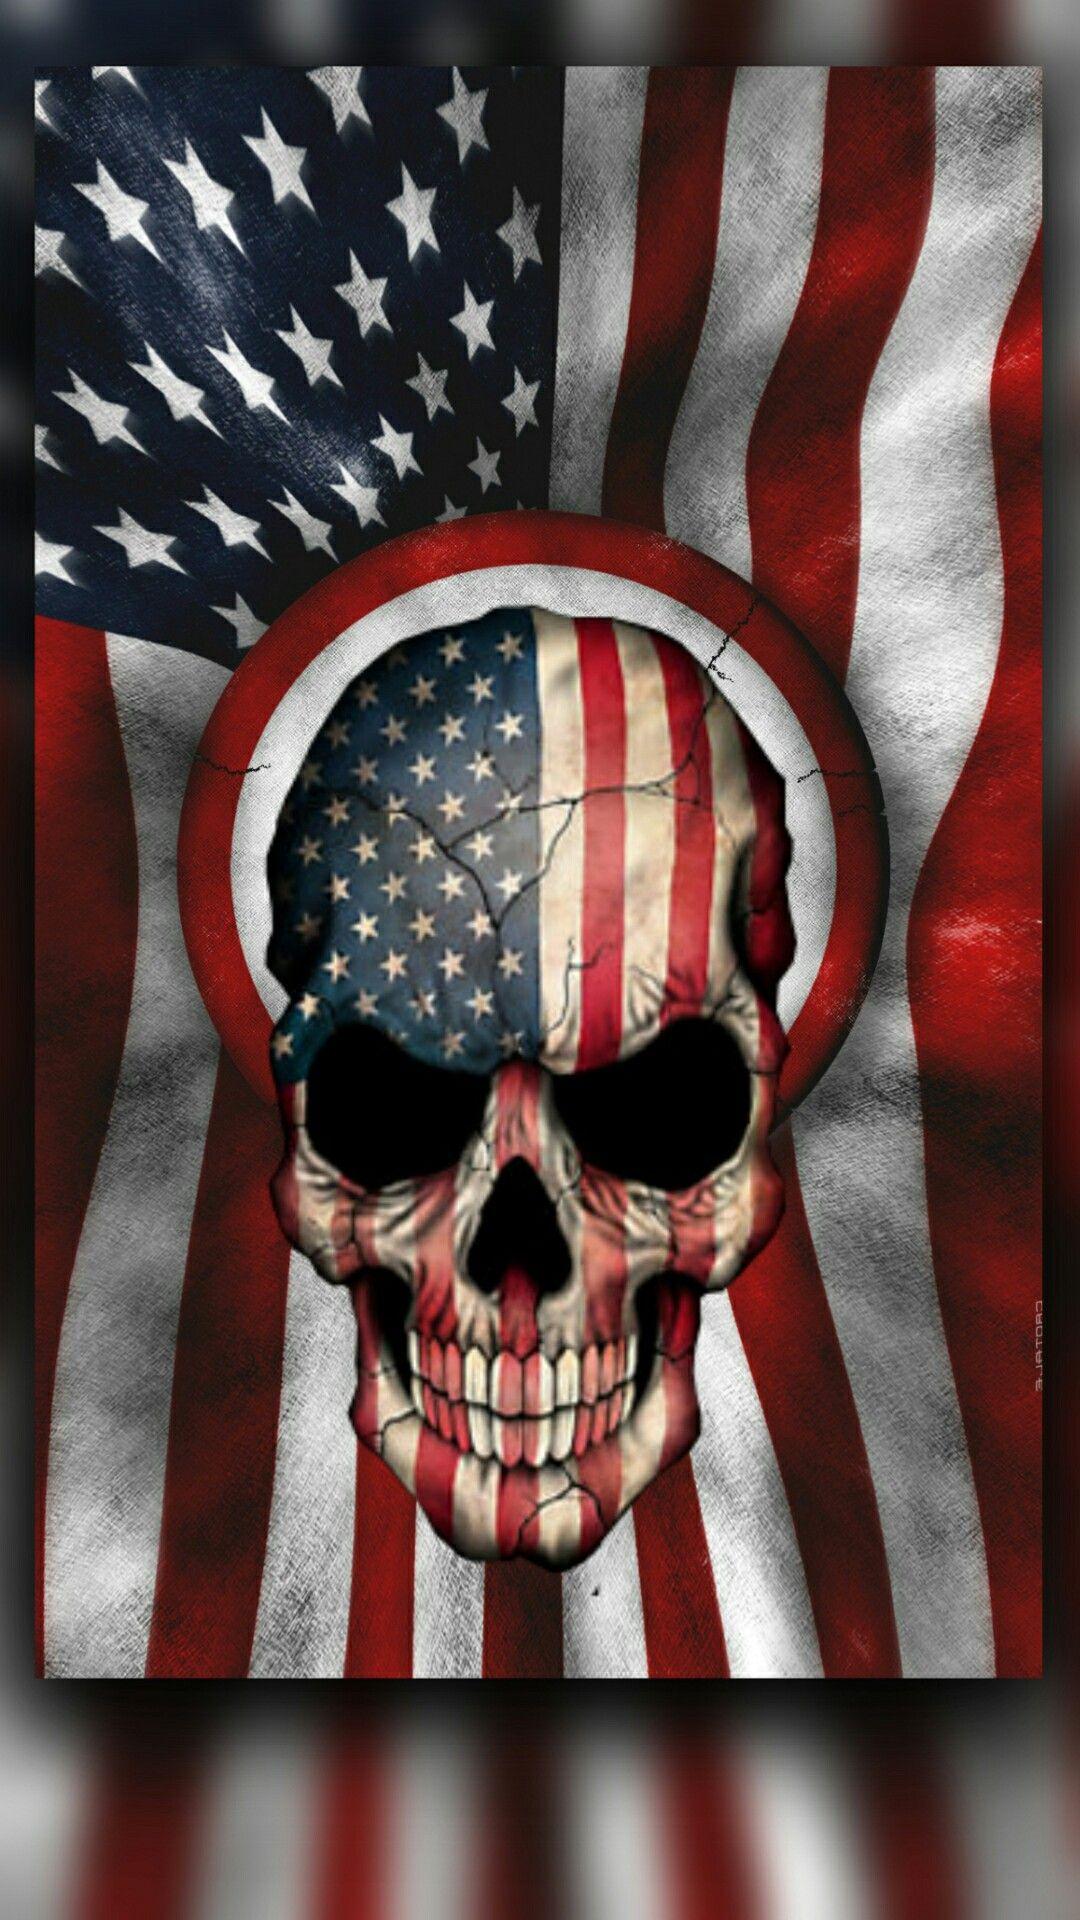 Pin By Chris Viper On Skulls Skull Artwork Skull Wallpaper Skull